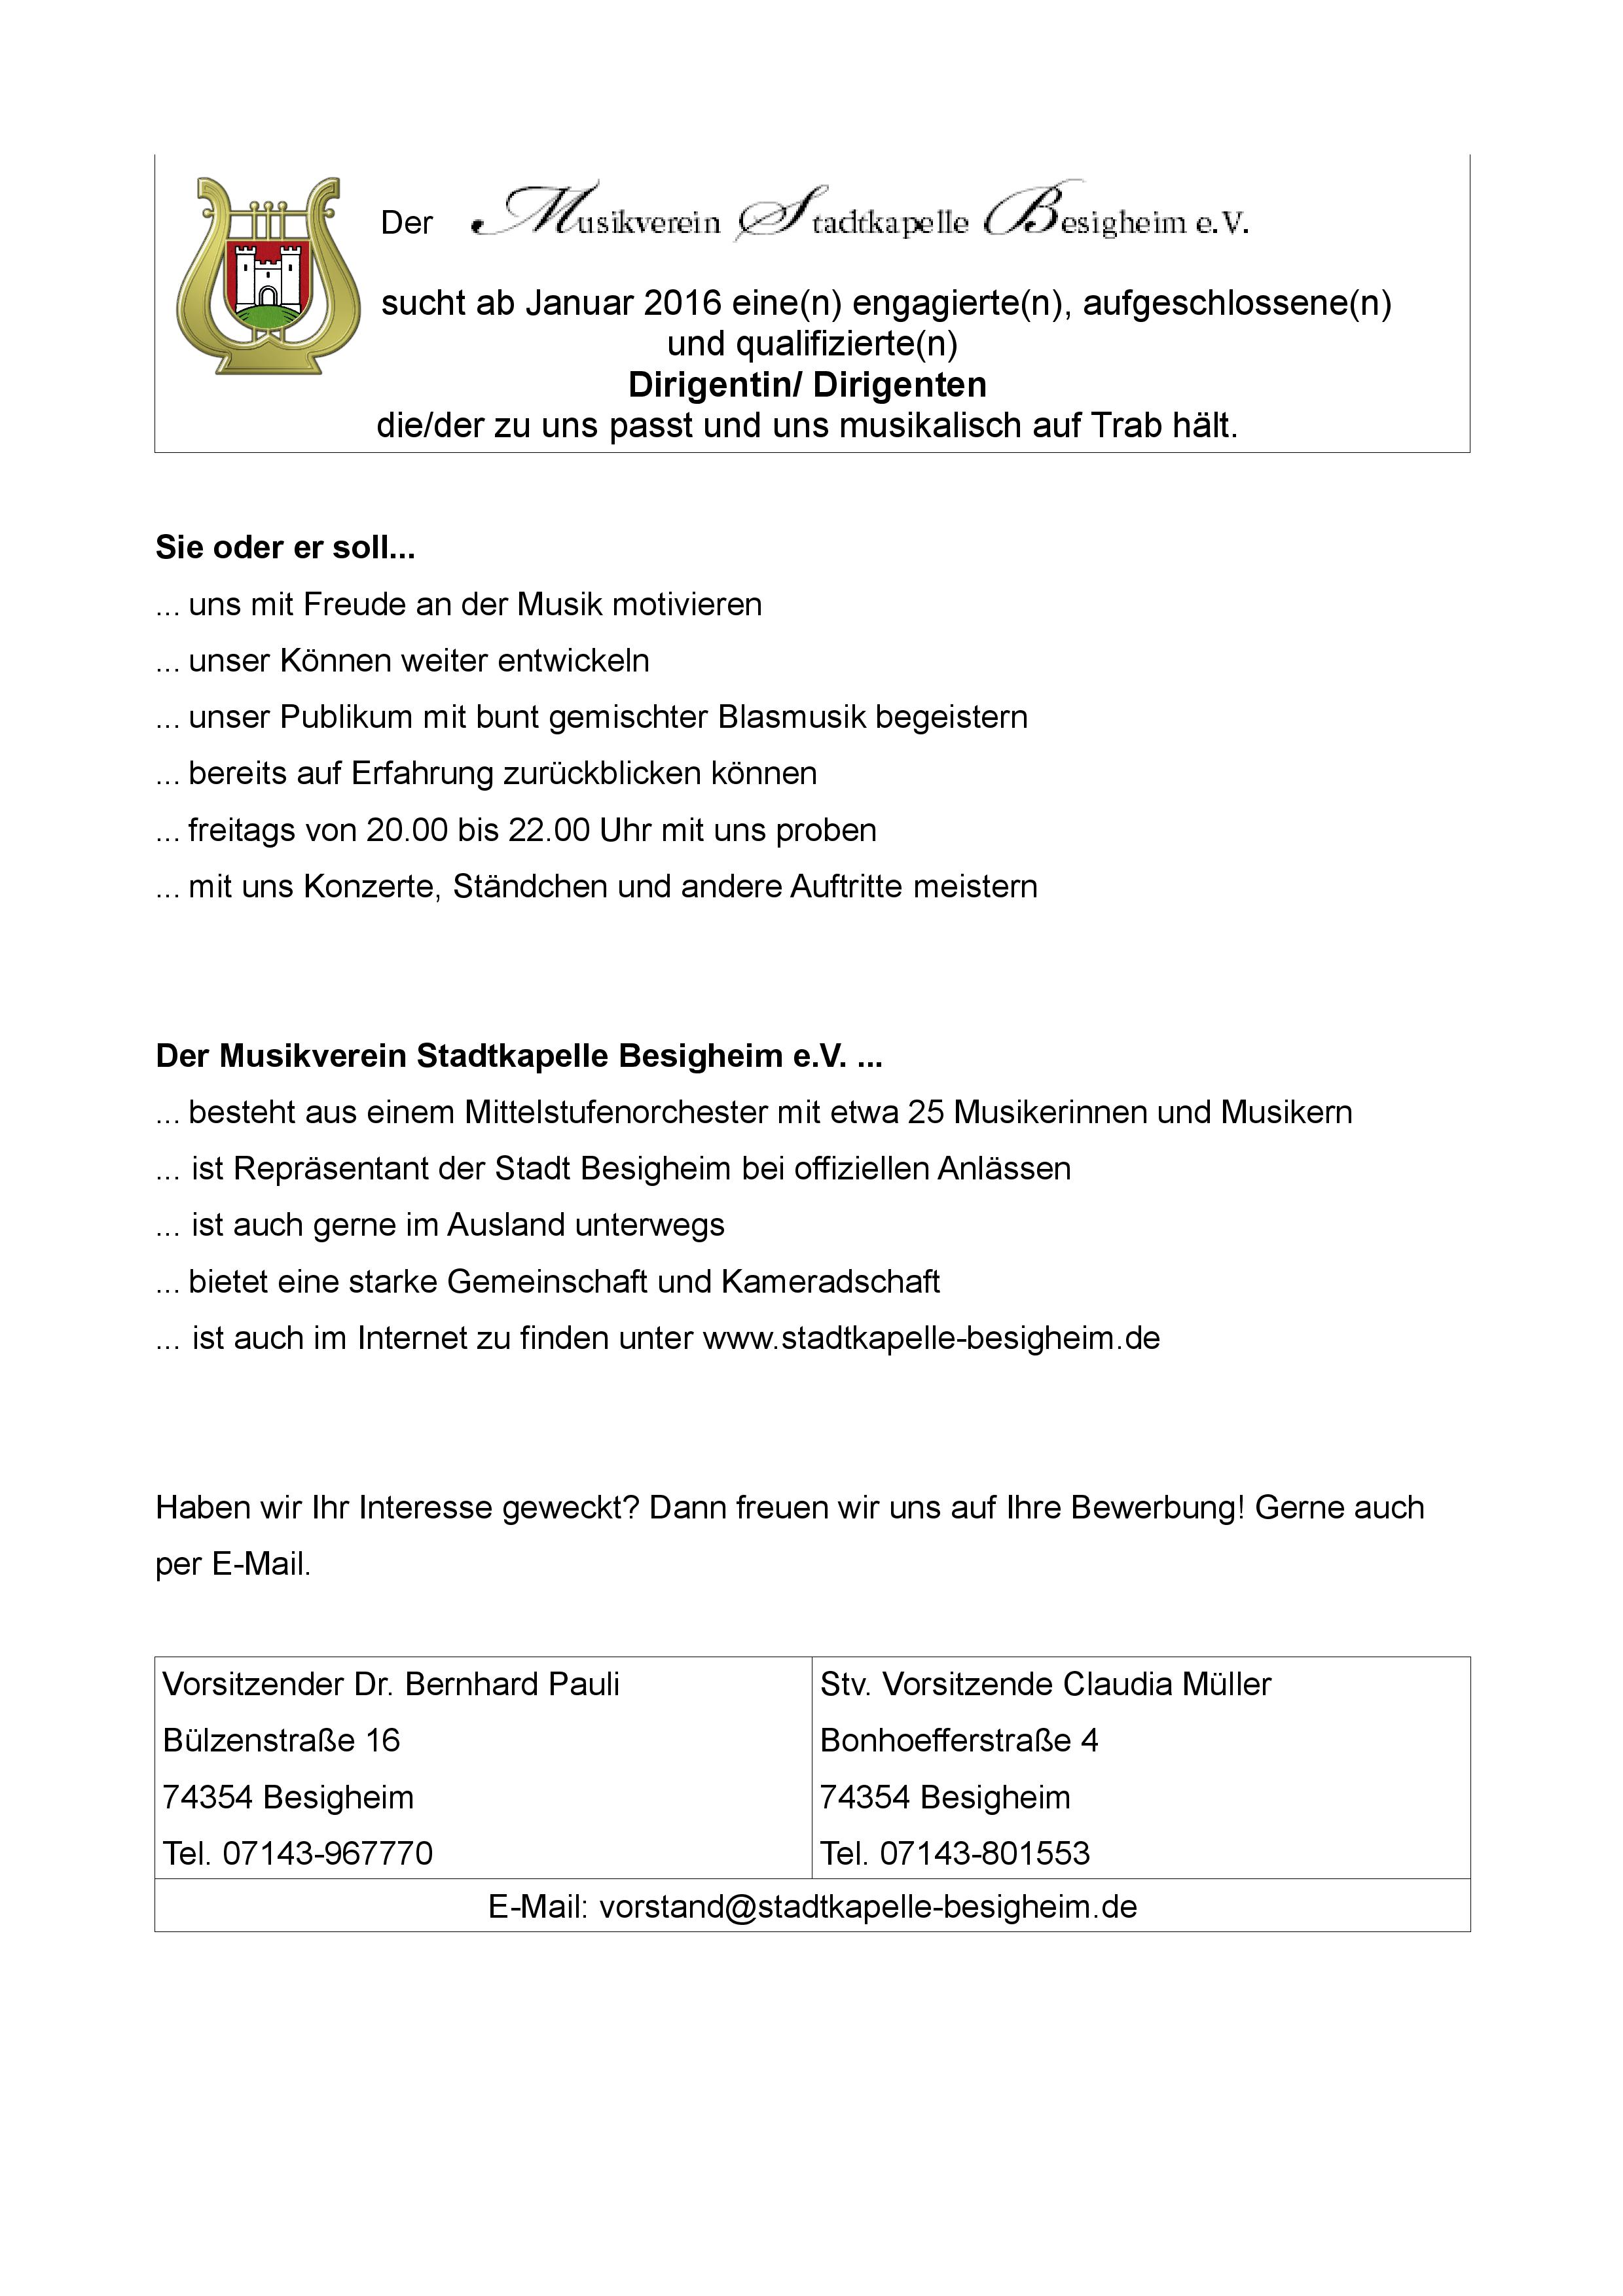 Dirigentenanzeigen - Kopie-page-001